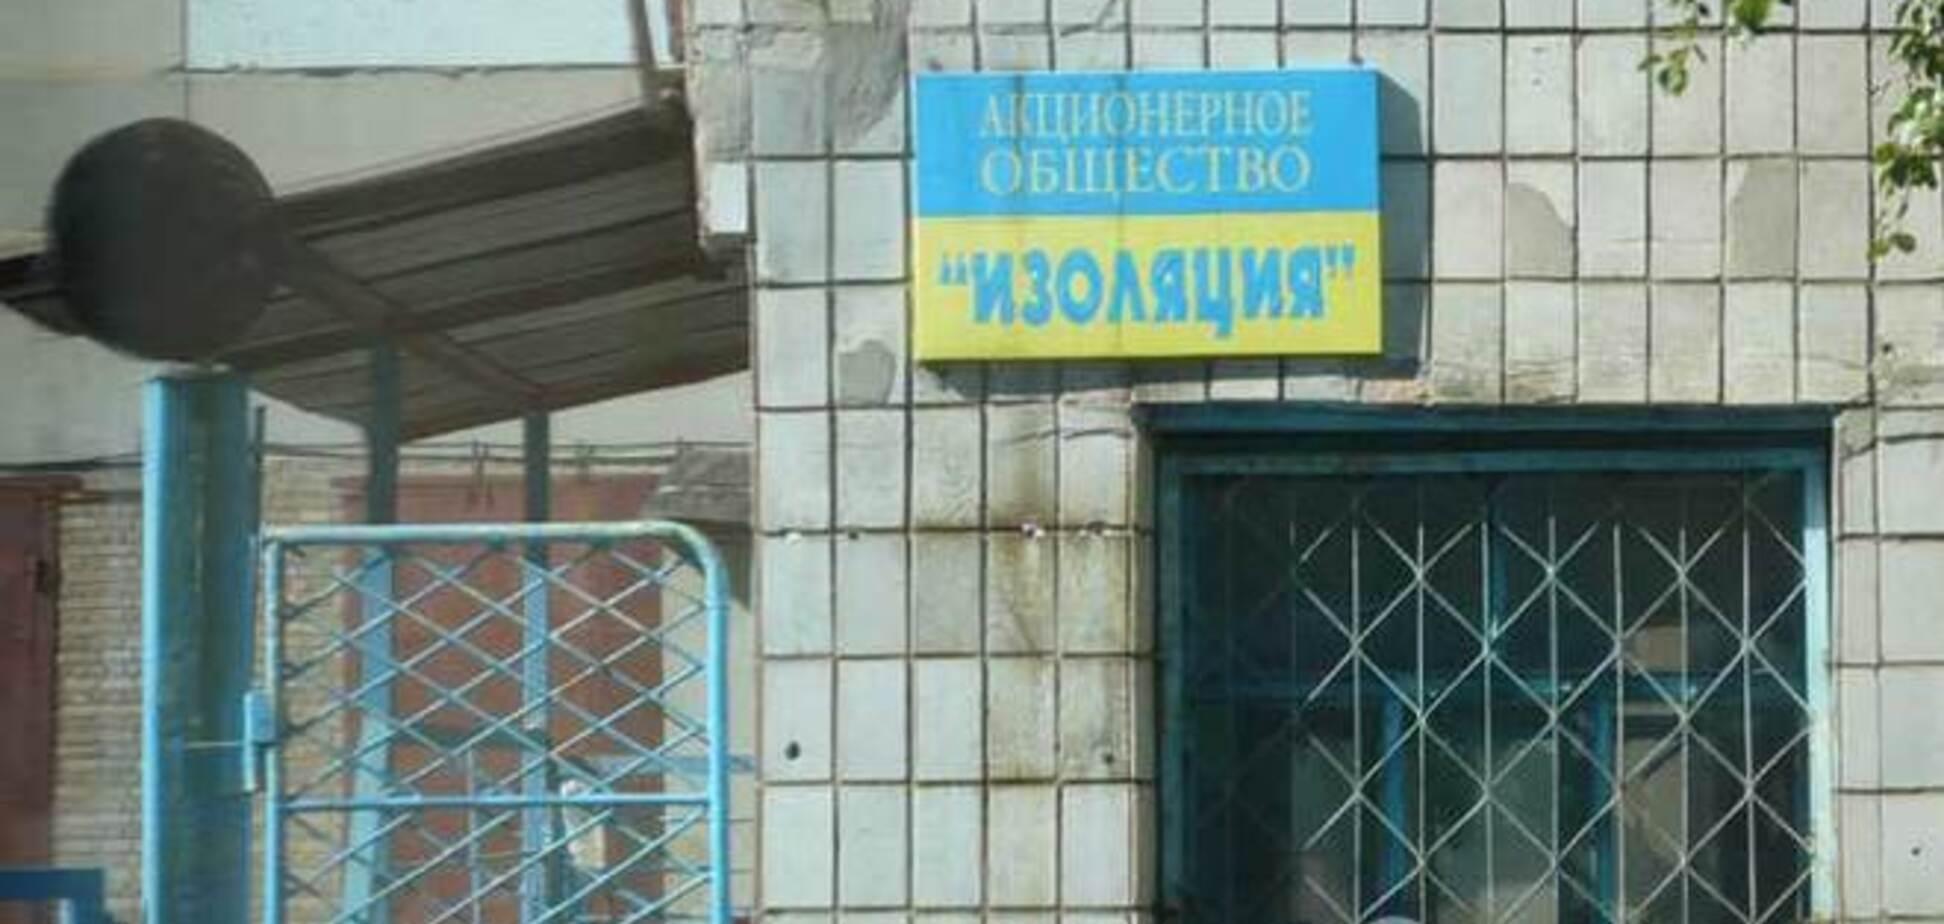 Донецкий арт-центр попросил спасти от террористов полотна Рериха и Куинджи